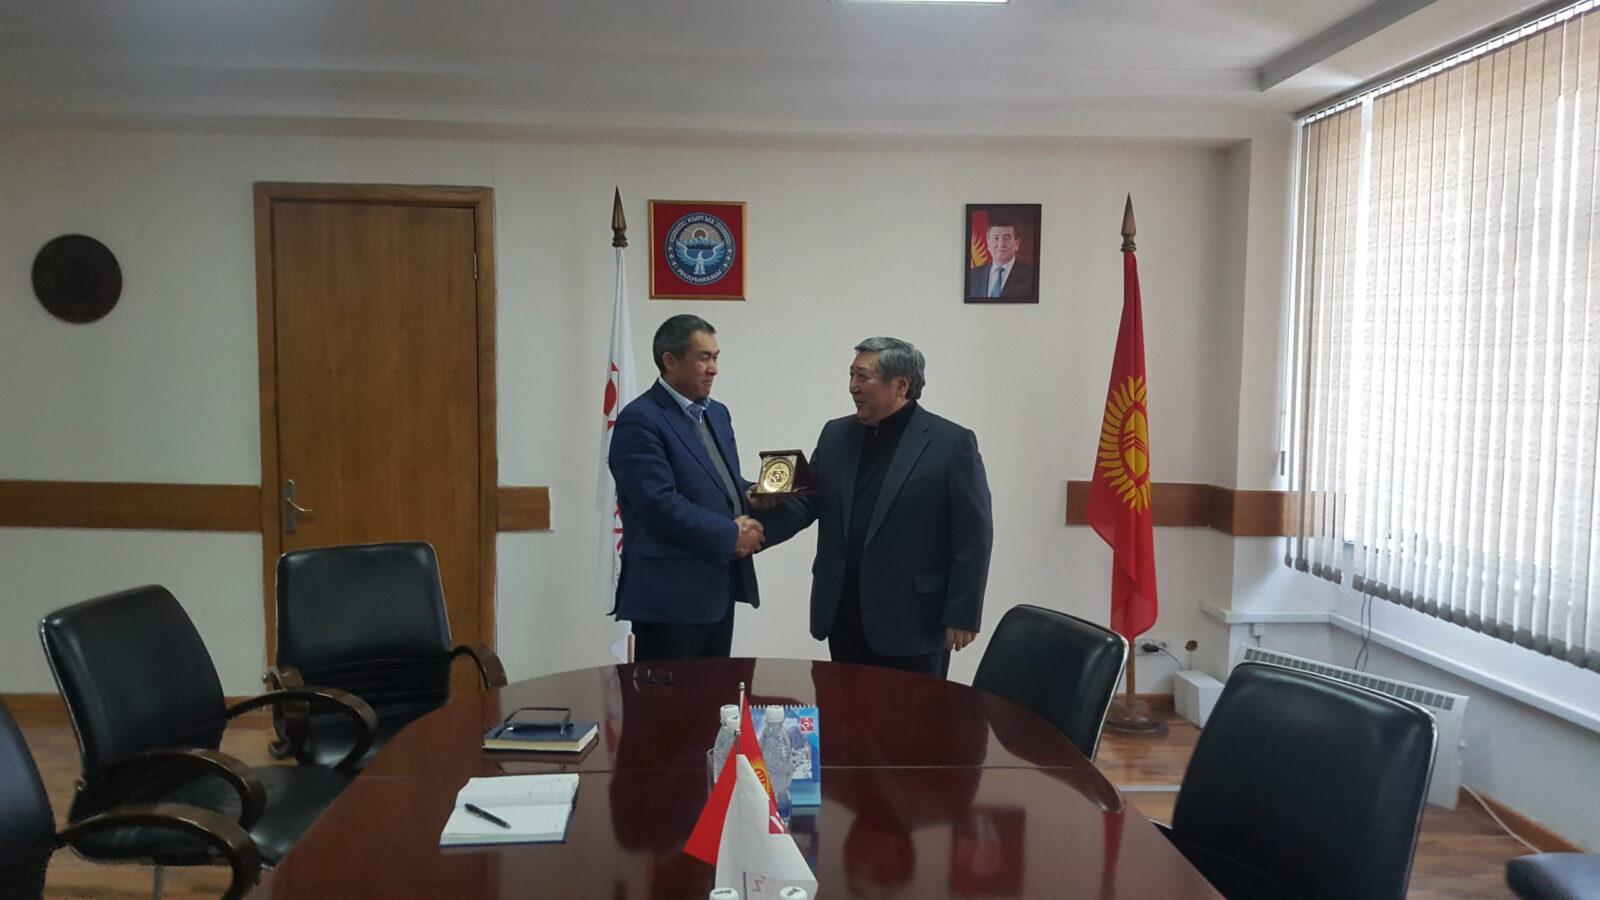 20191129 115040 scaled - Визит Чрезвычайного и Полномочного Посла Кыргызской Республики в Республике Таджикистан